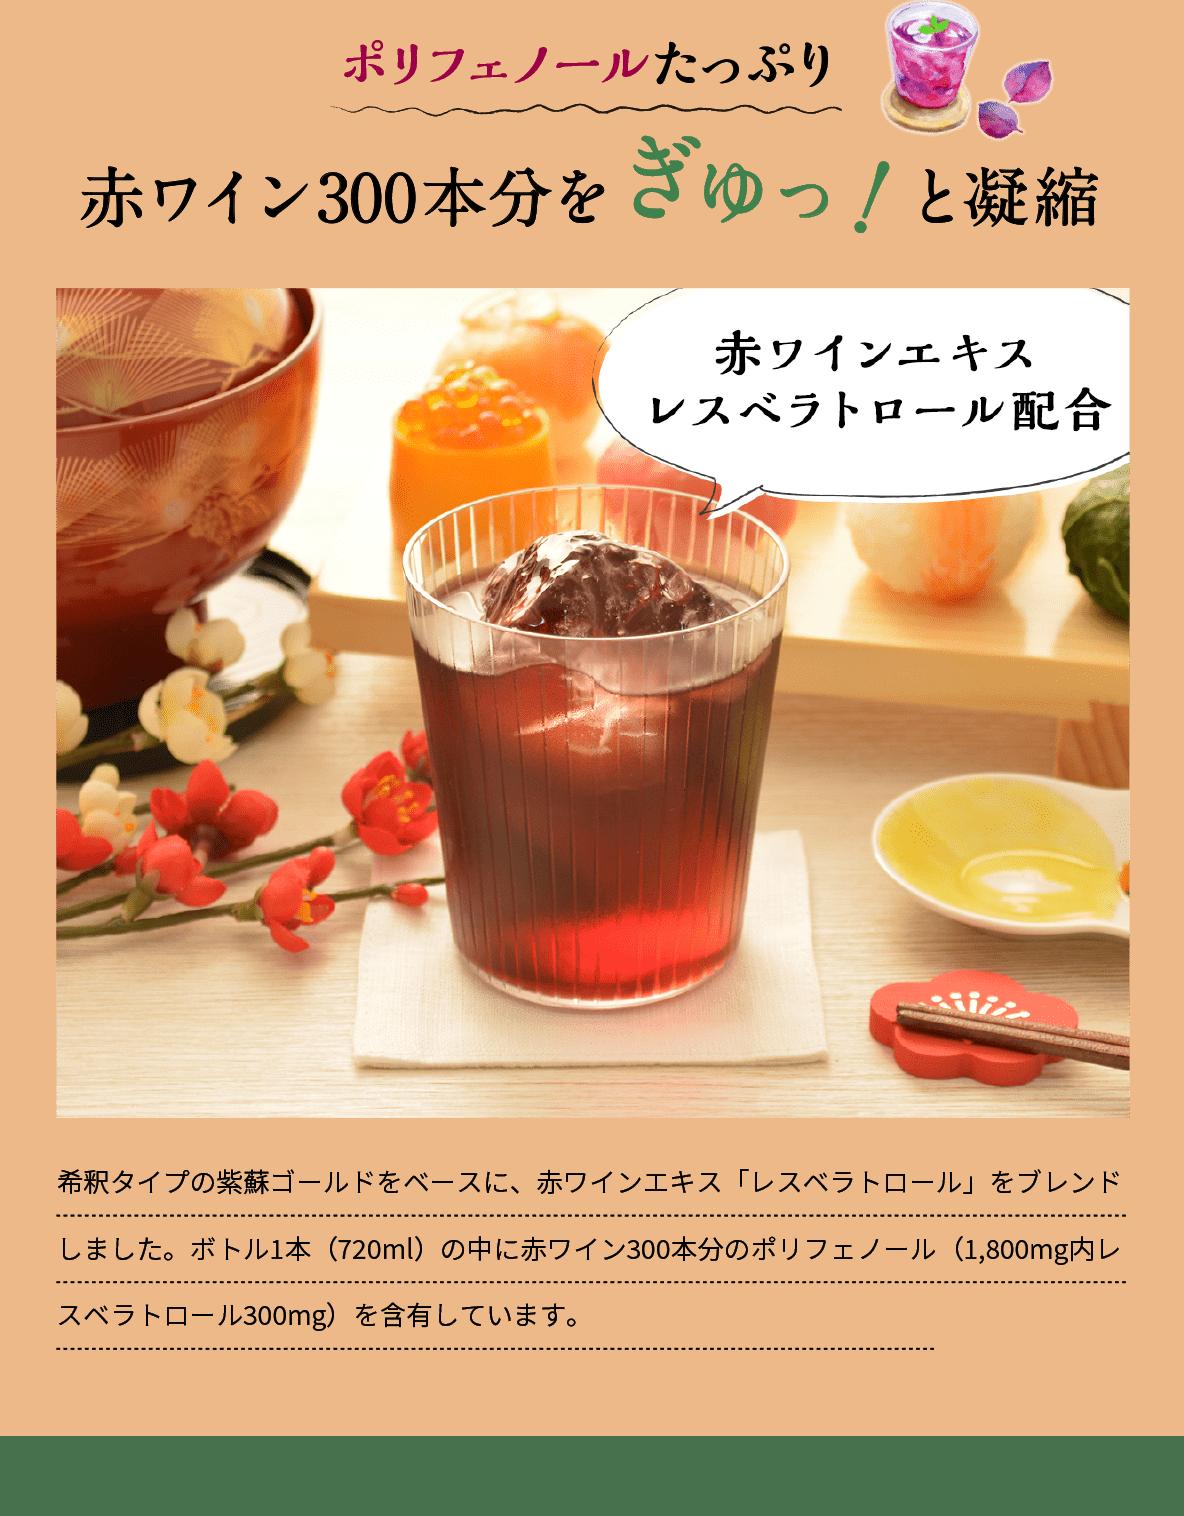 紫蘇ジュースについて